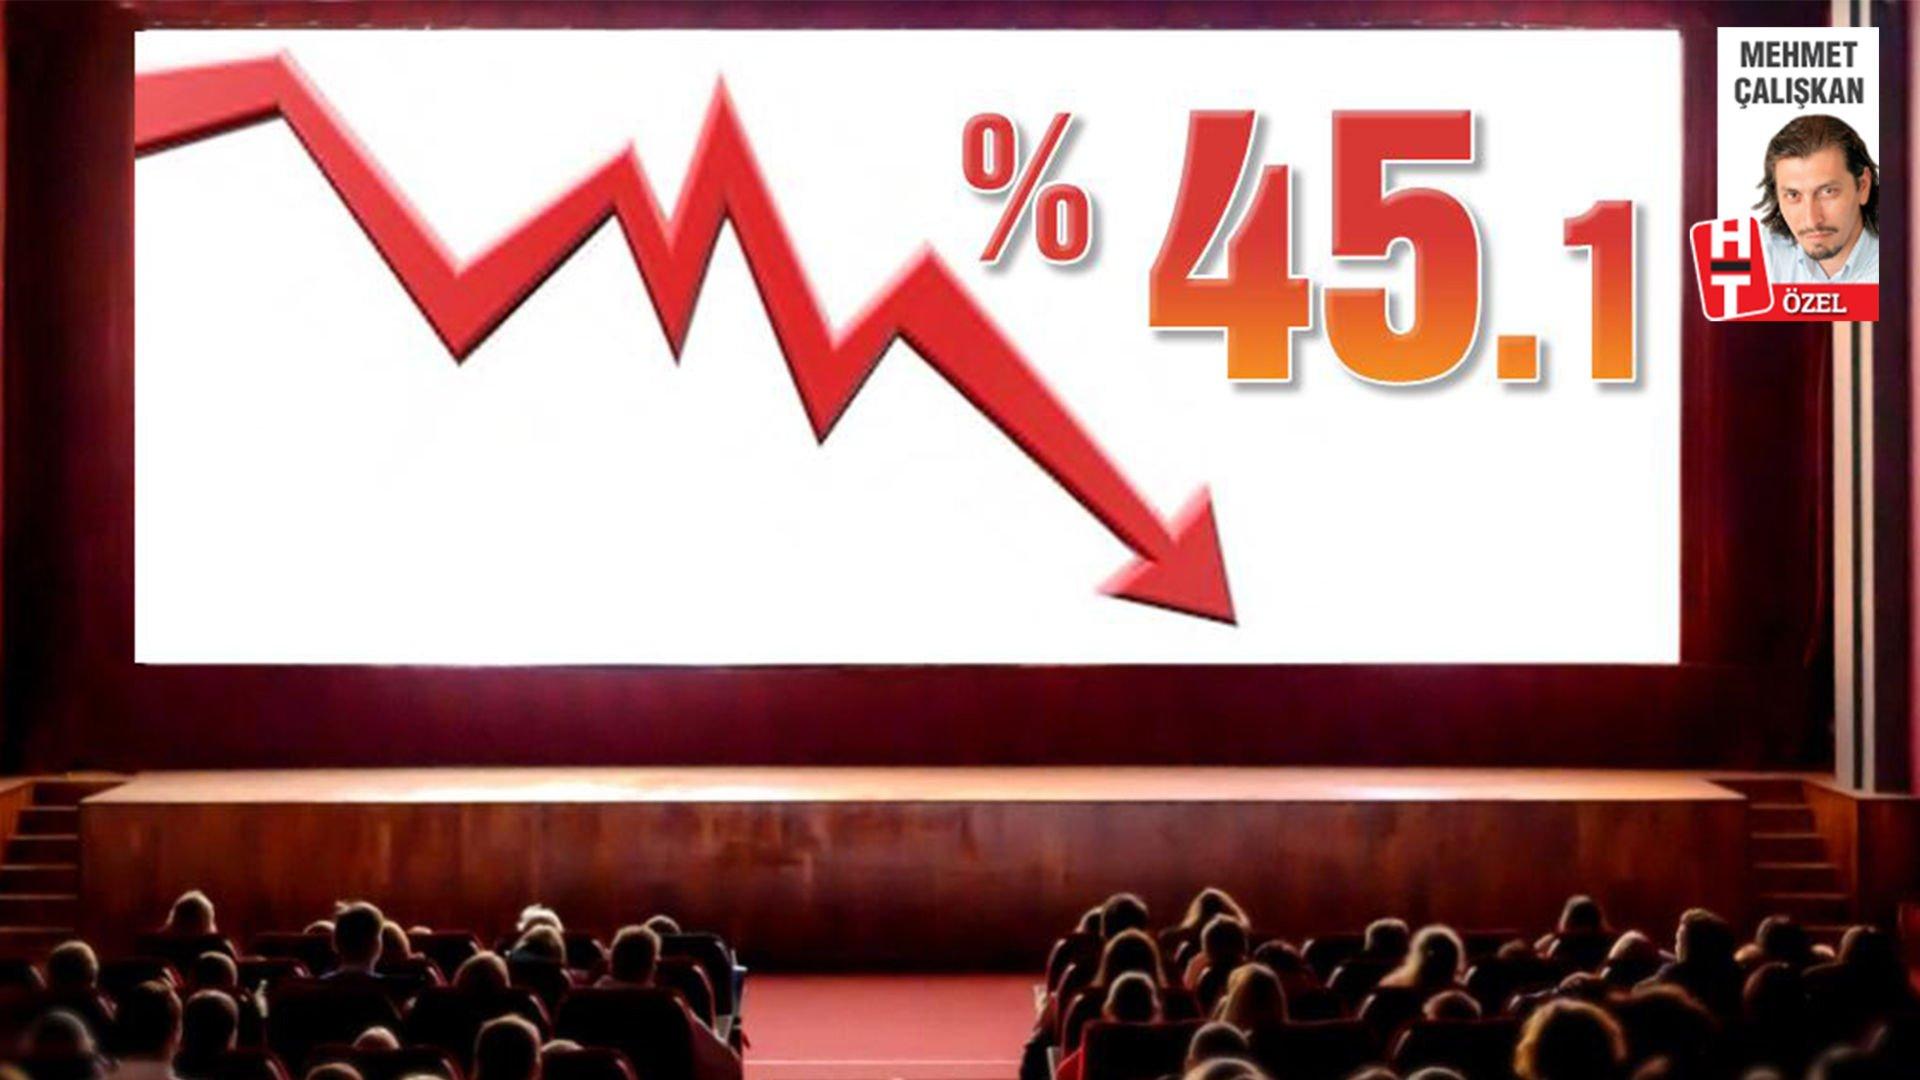 Son dakika haberi! Sinemada 10 yıllık bilanço! Böyle düşüş görülmedi